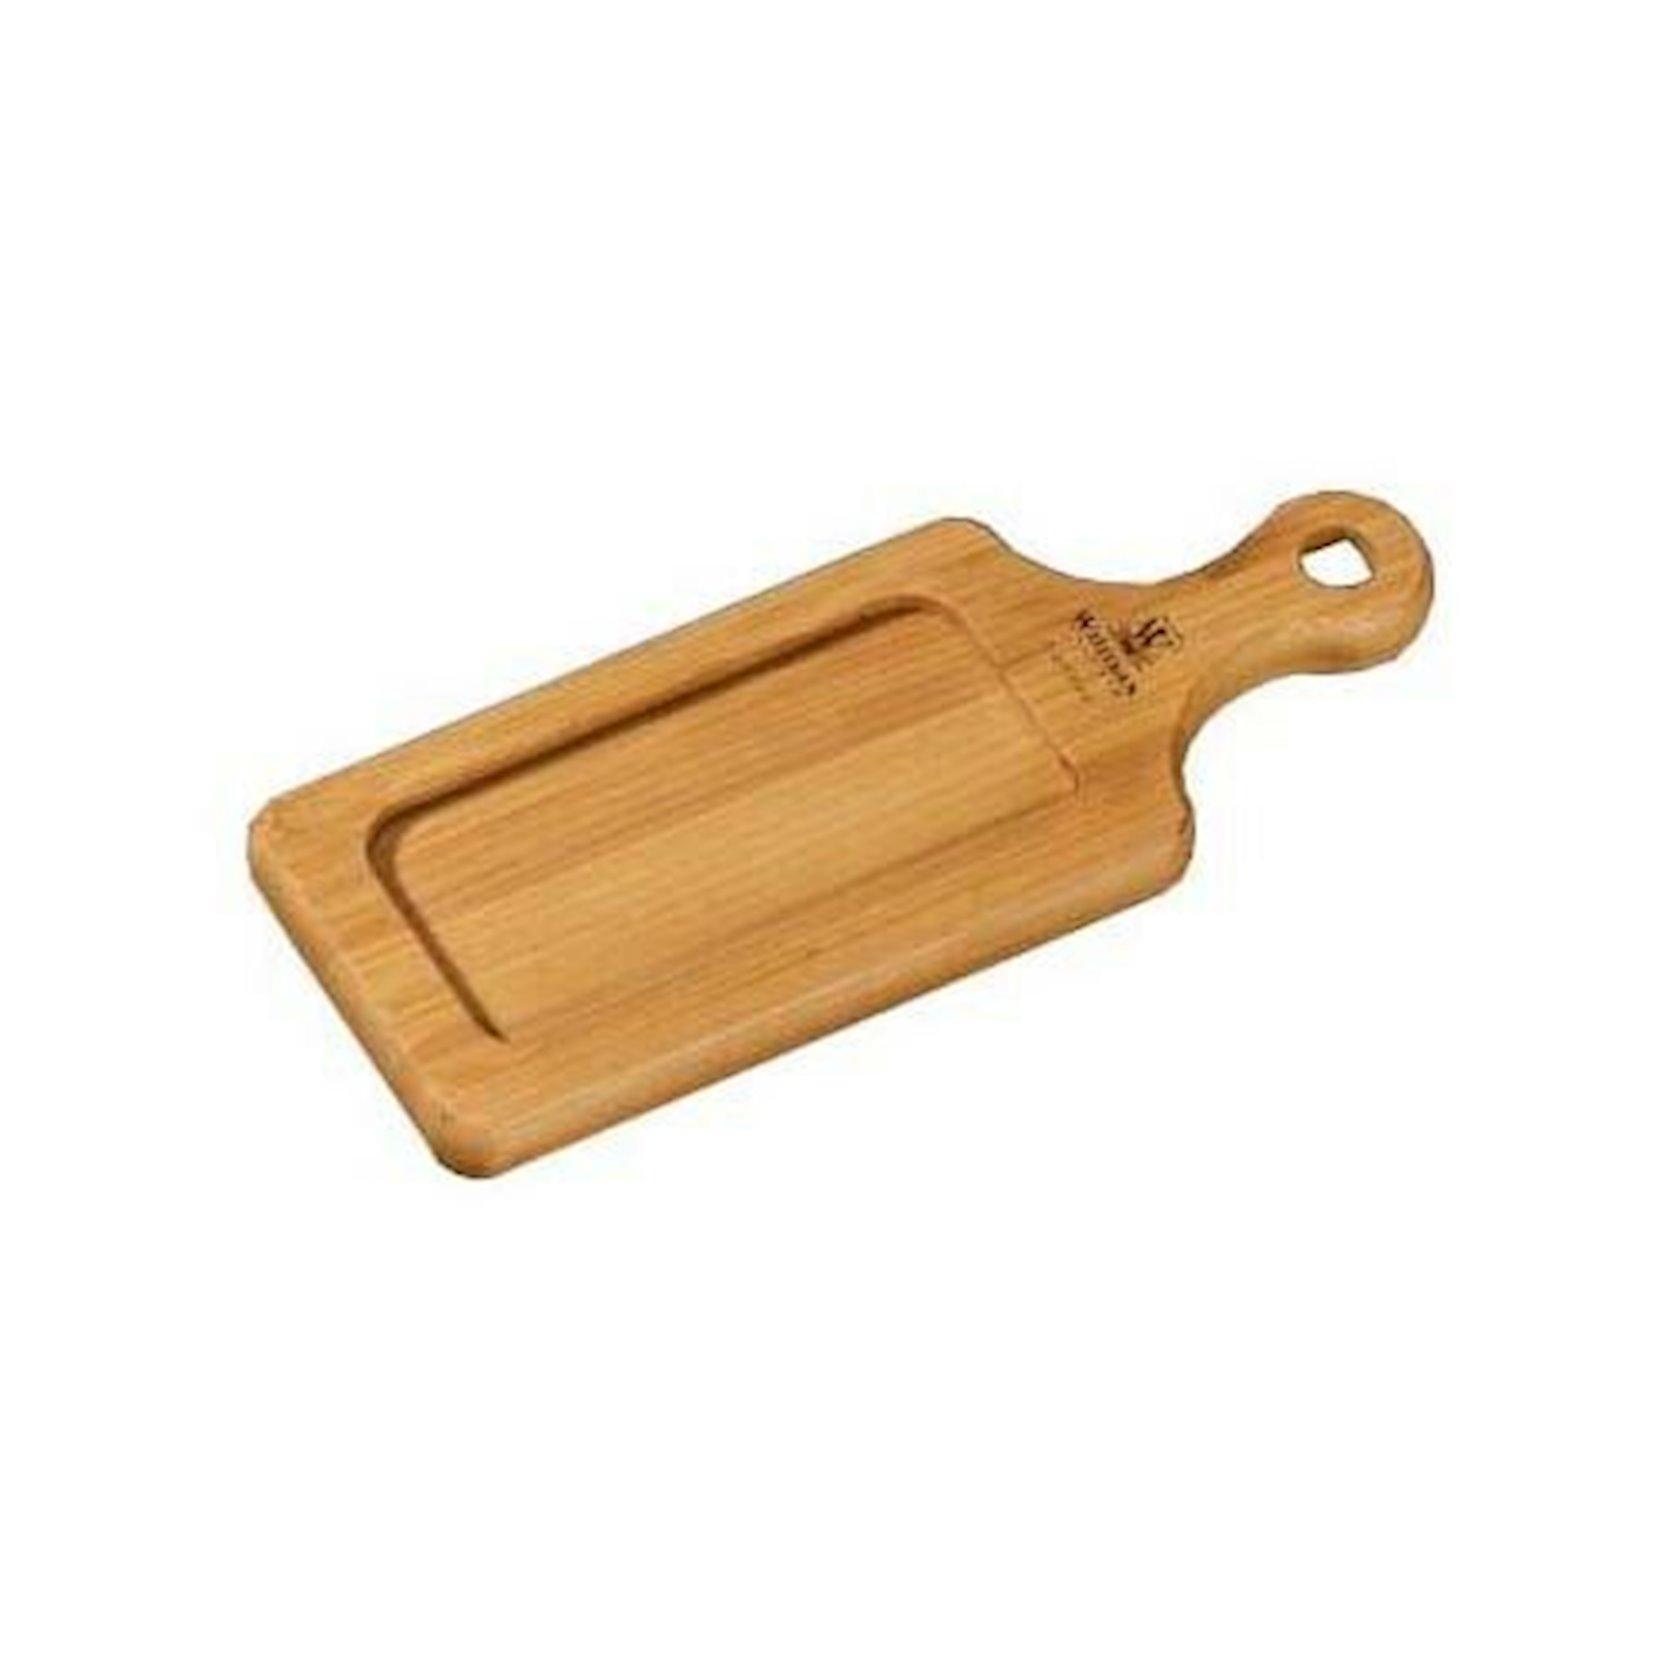 Süfrə lövhəsi bambuk Wilmax Bamboo, düzbucaqlı, 20.5 x 7 sm